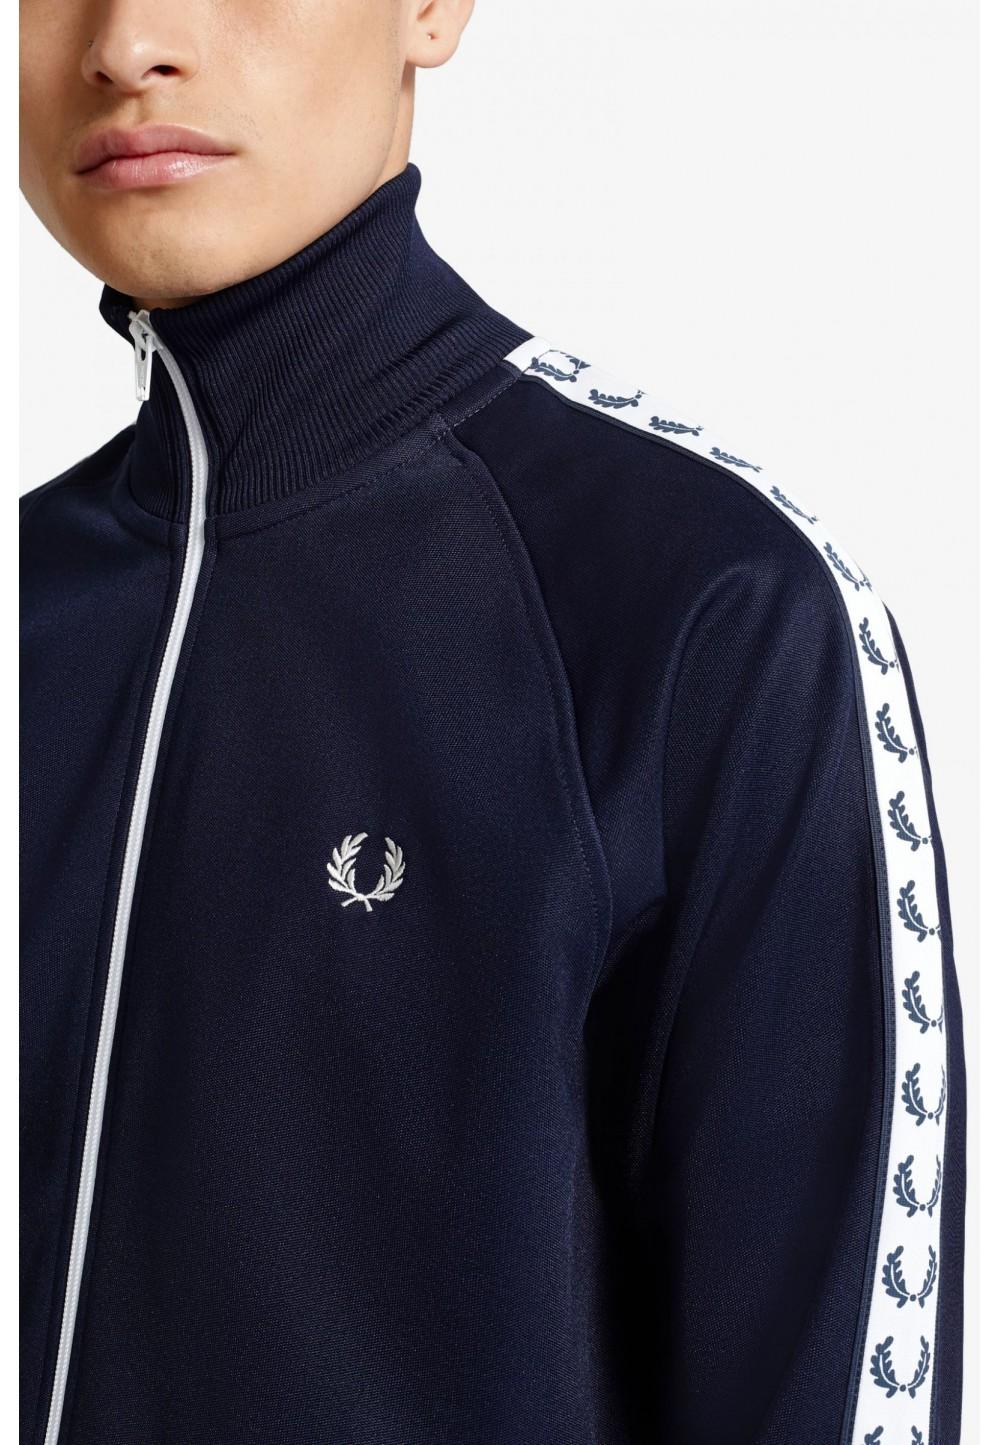 Олімпійка на змійці з логотипом